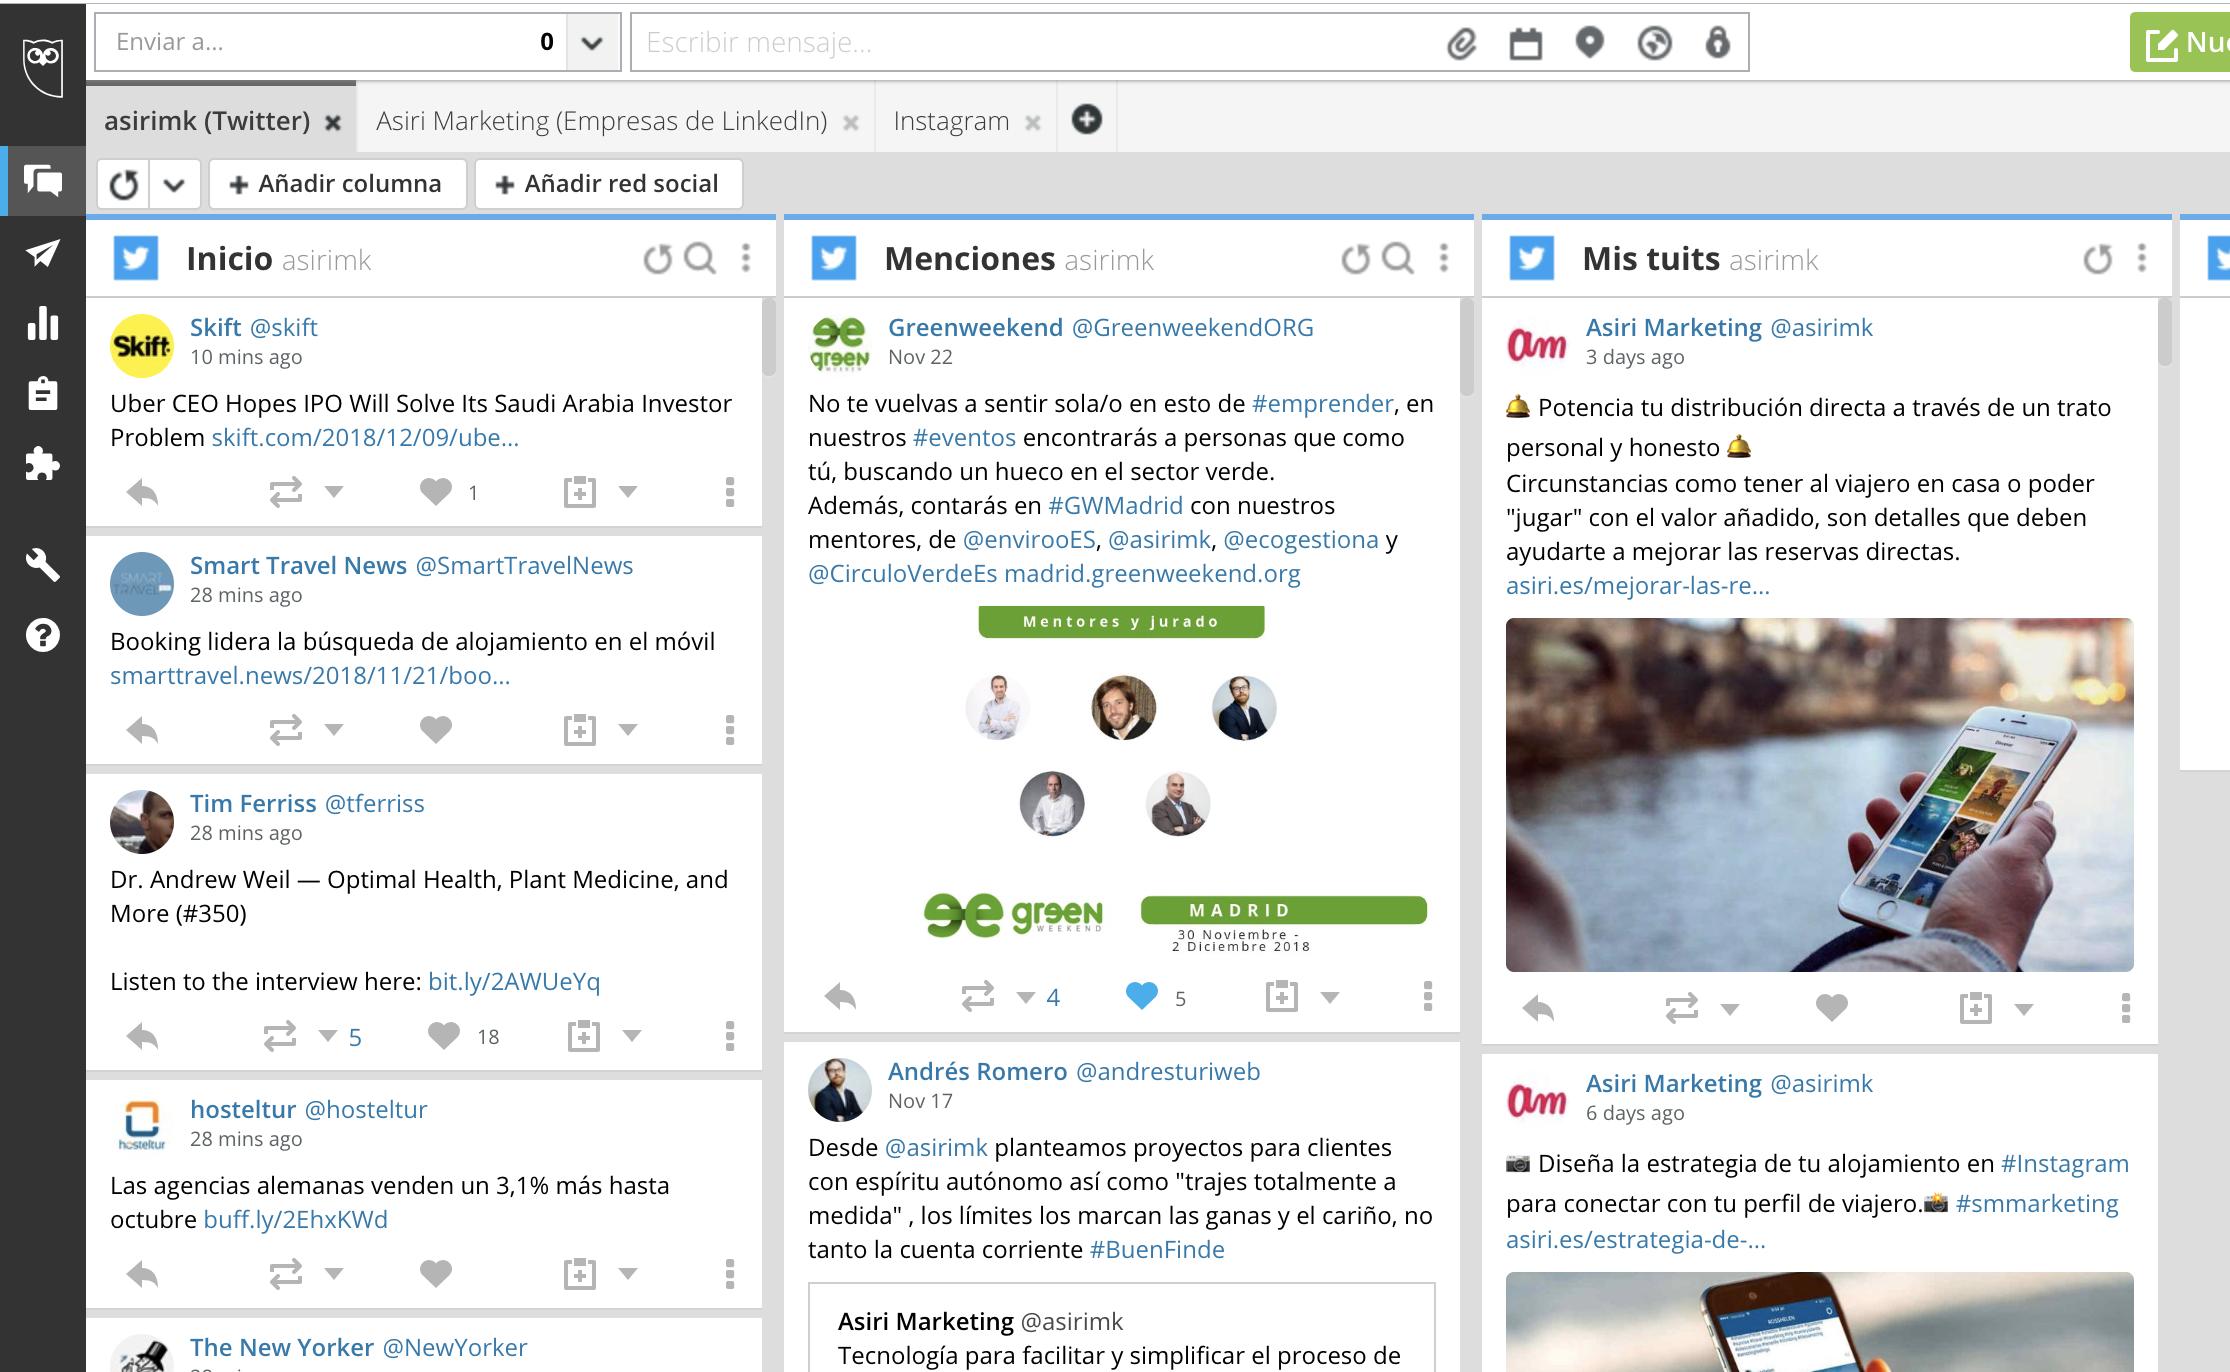 herramientas para gestionar las redes sociales de alojamiento